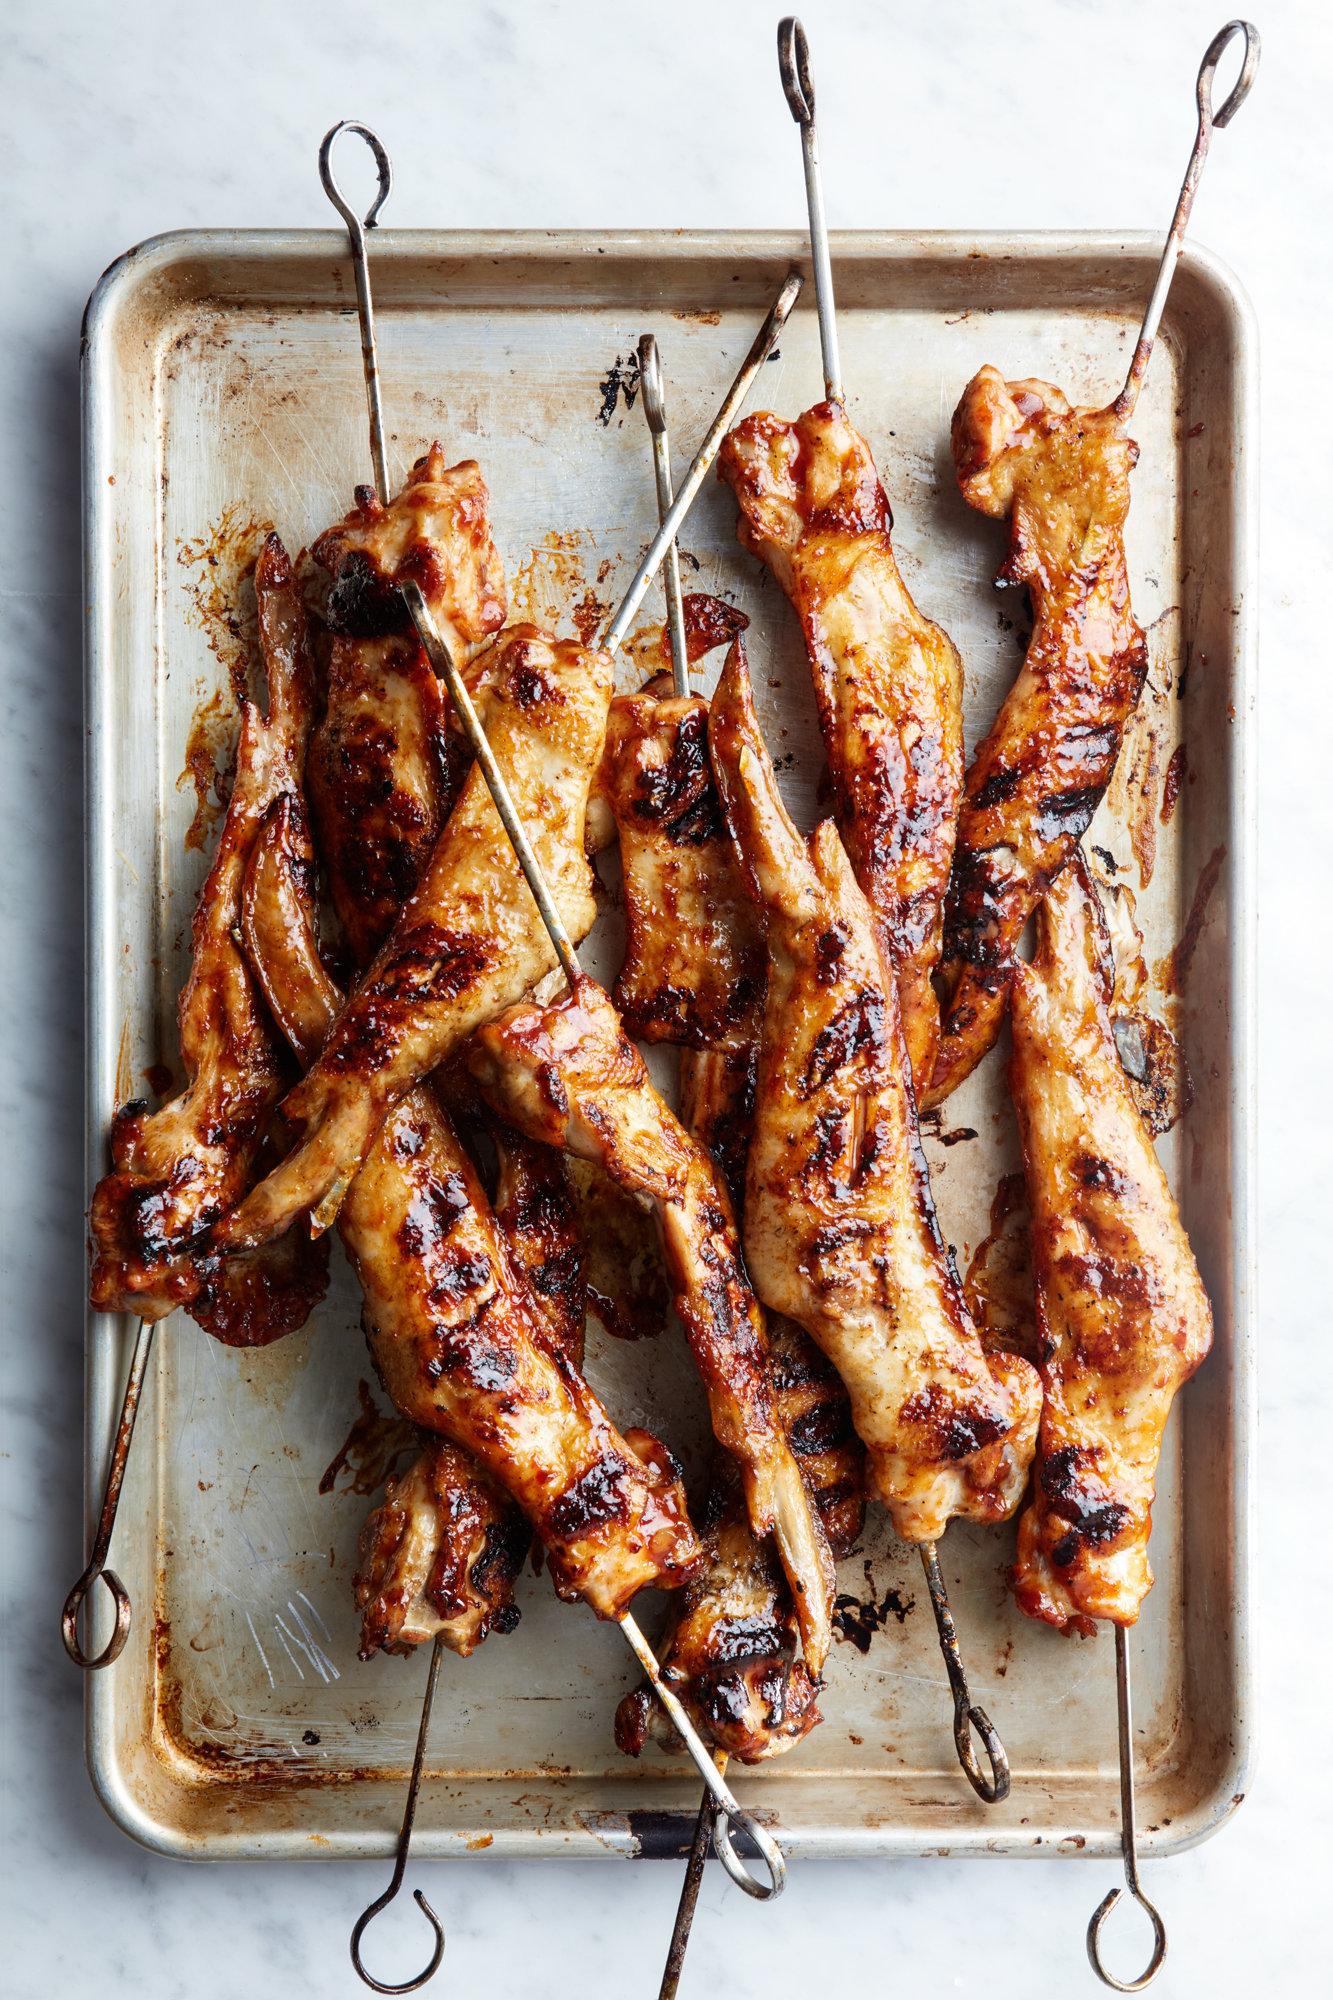 chicken-wings-on-skewer-11082016-1.jpg